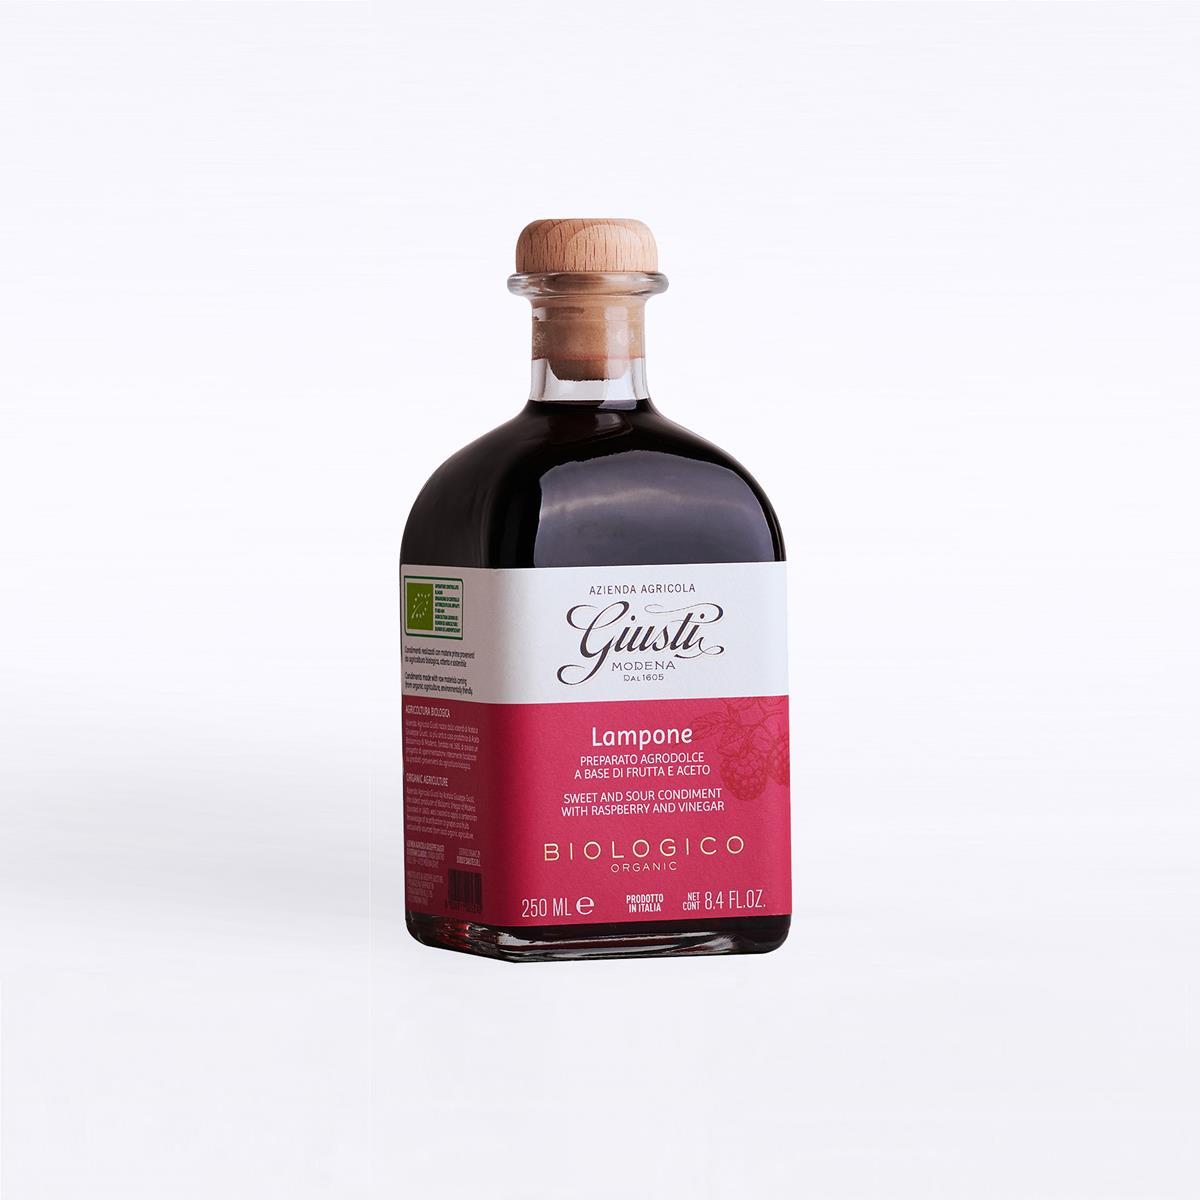 Agrodolci a base di frutta e aceto - Biologico - Lampone 250 ml